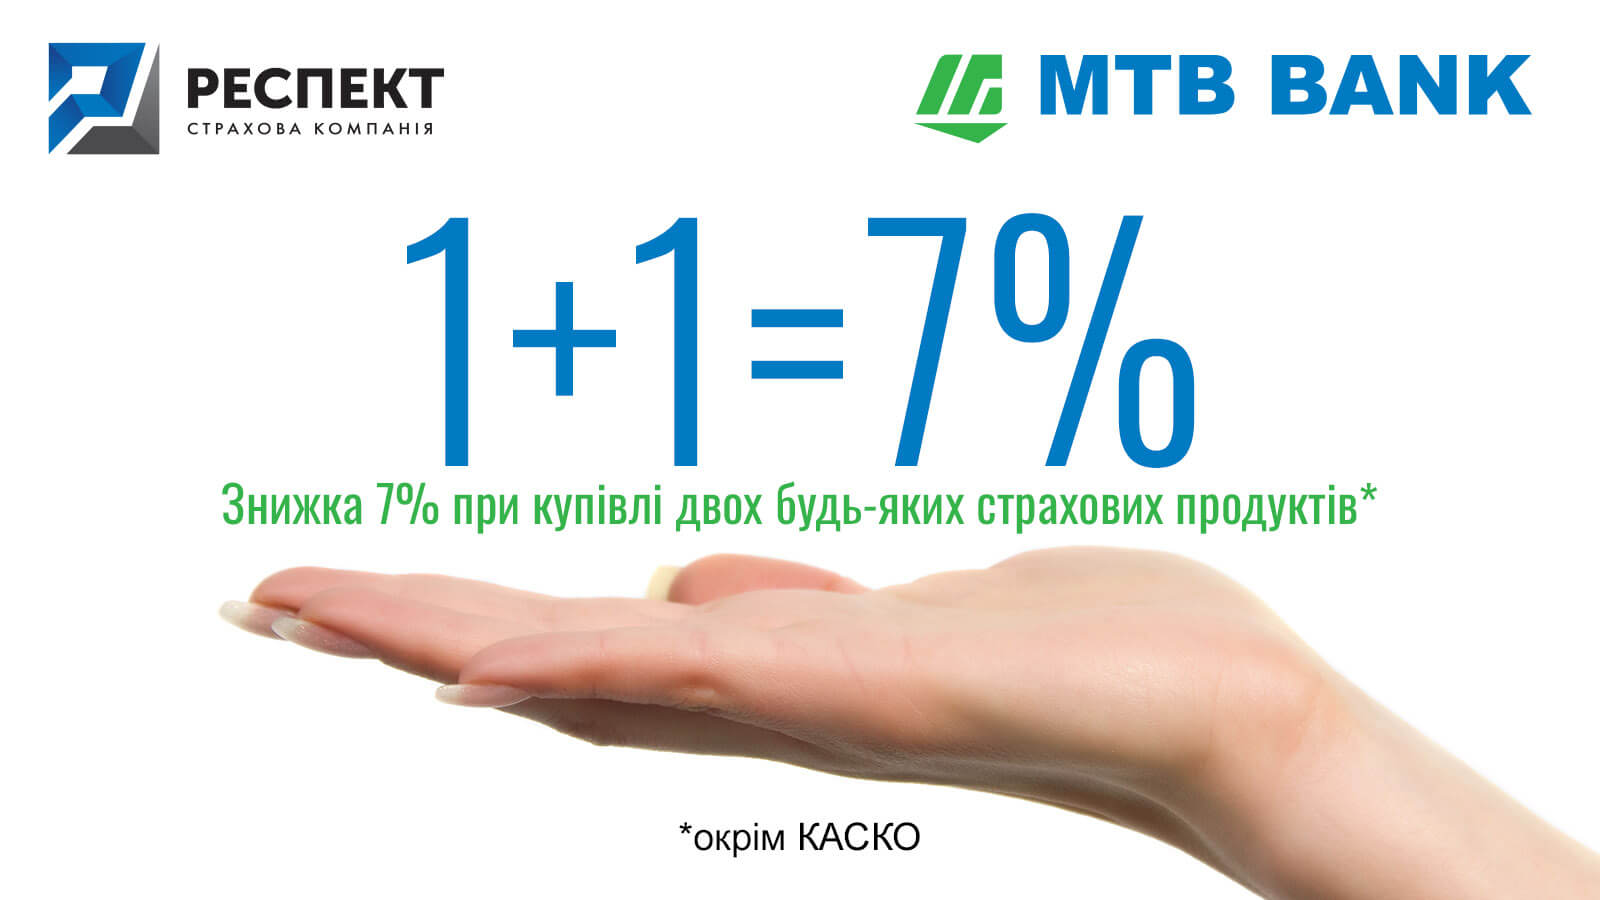 МТБ БАНК объявляет ДНИ ОСОБОЙ ЗАБОТЫ О КЛИЕНТАХ!  - фото - mtb.ua